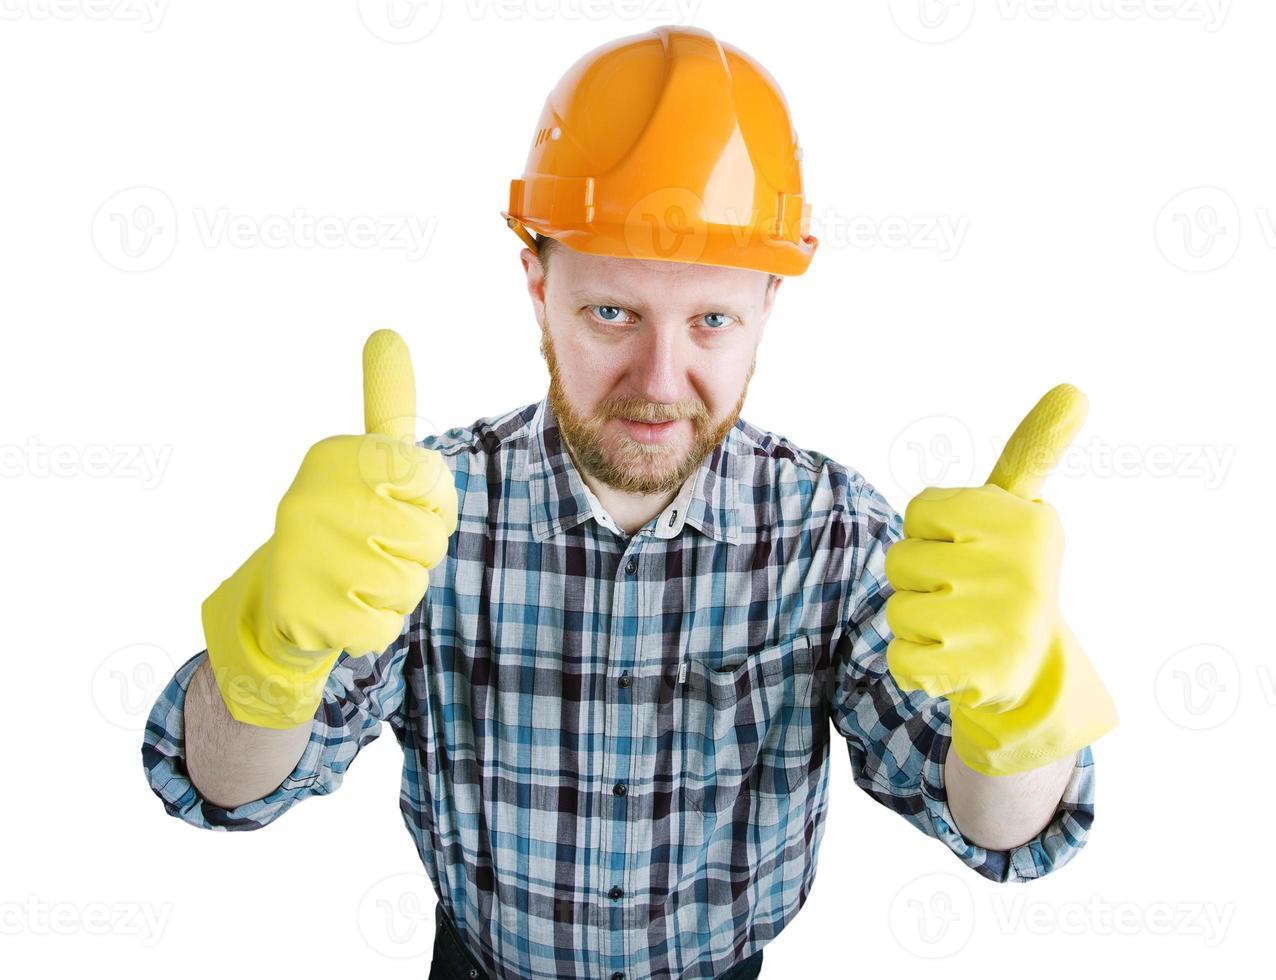 uomo con casco e guanti da costruzione arancione foto